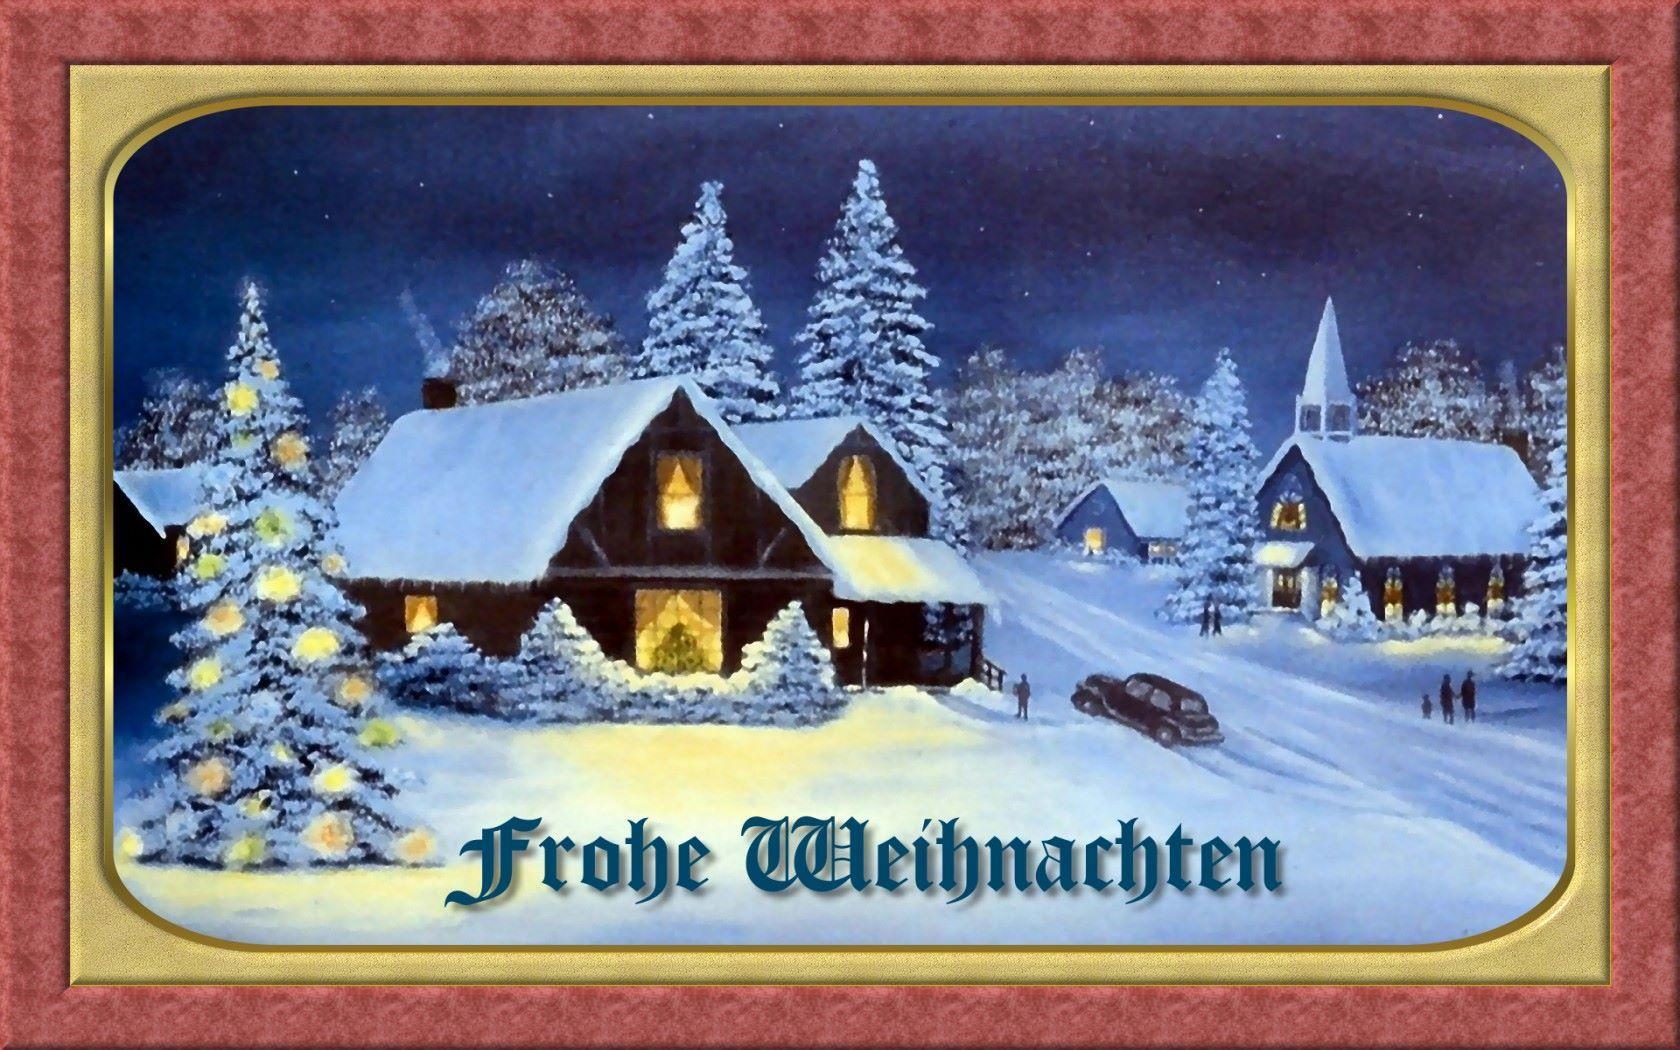 Weihnachtsbilder Kostenlos – My Blog | Weihnachtskarte bei Bilder Kostenlos Weihnachten